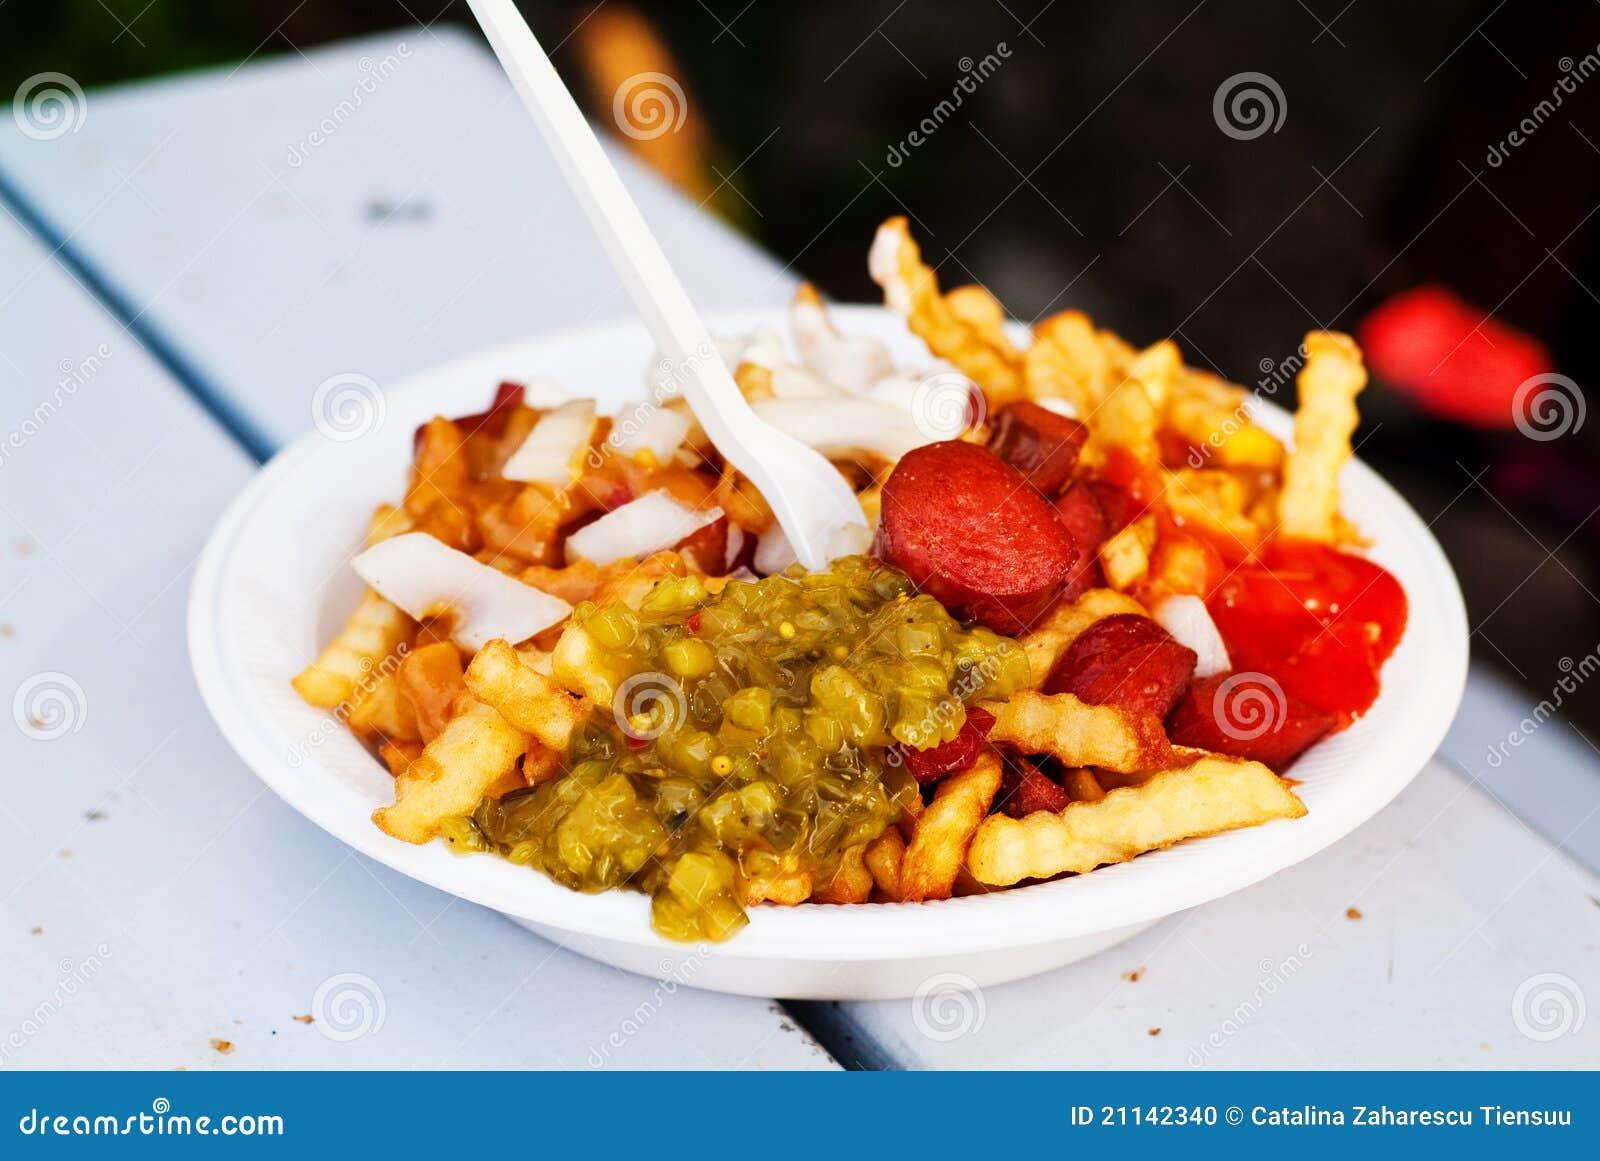 Comida lixo finlandesa